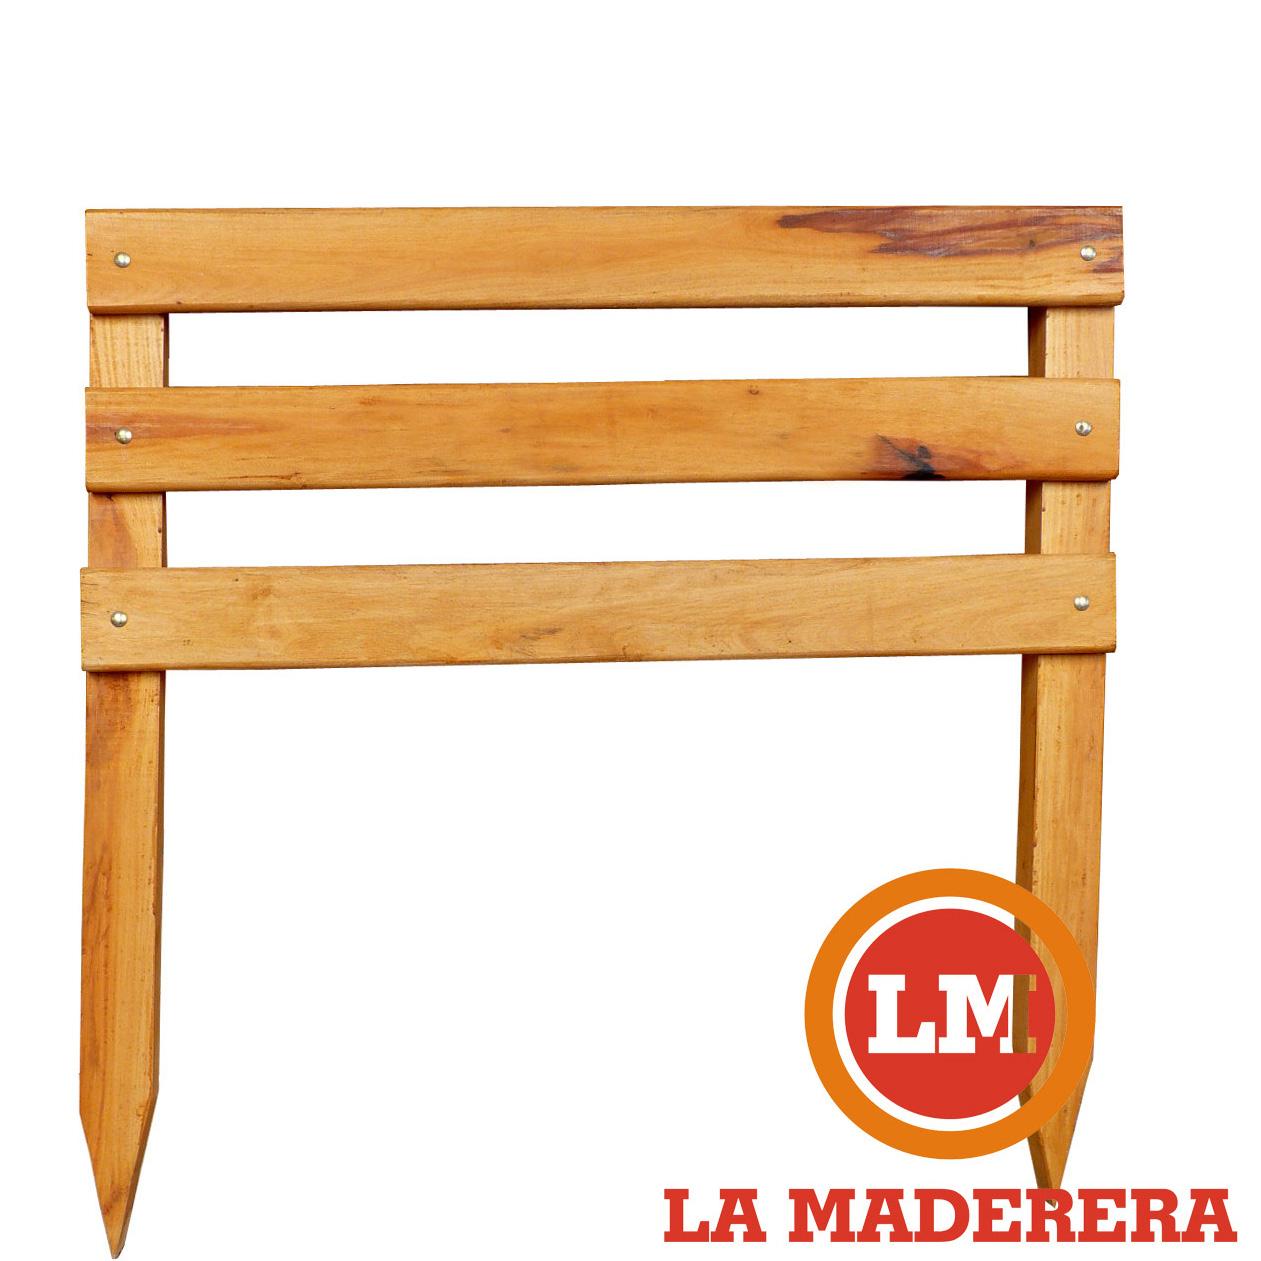 Vallado o cerco en madera dura o semi dura para exteriores - Vallado de madera ...